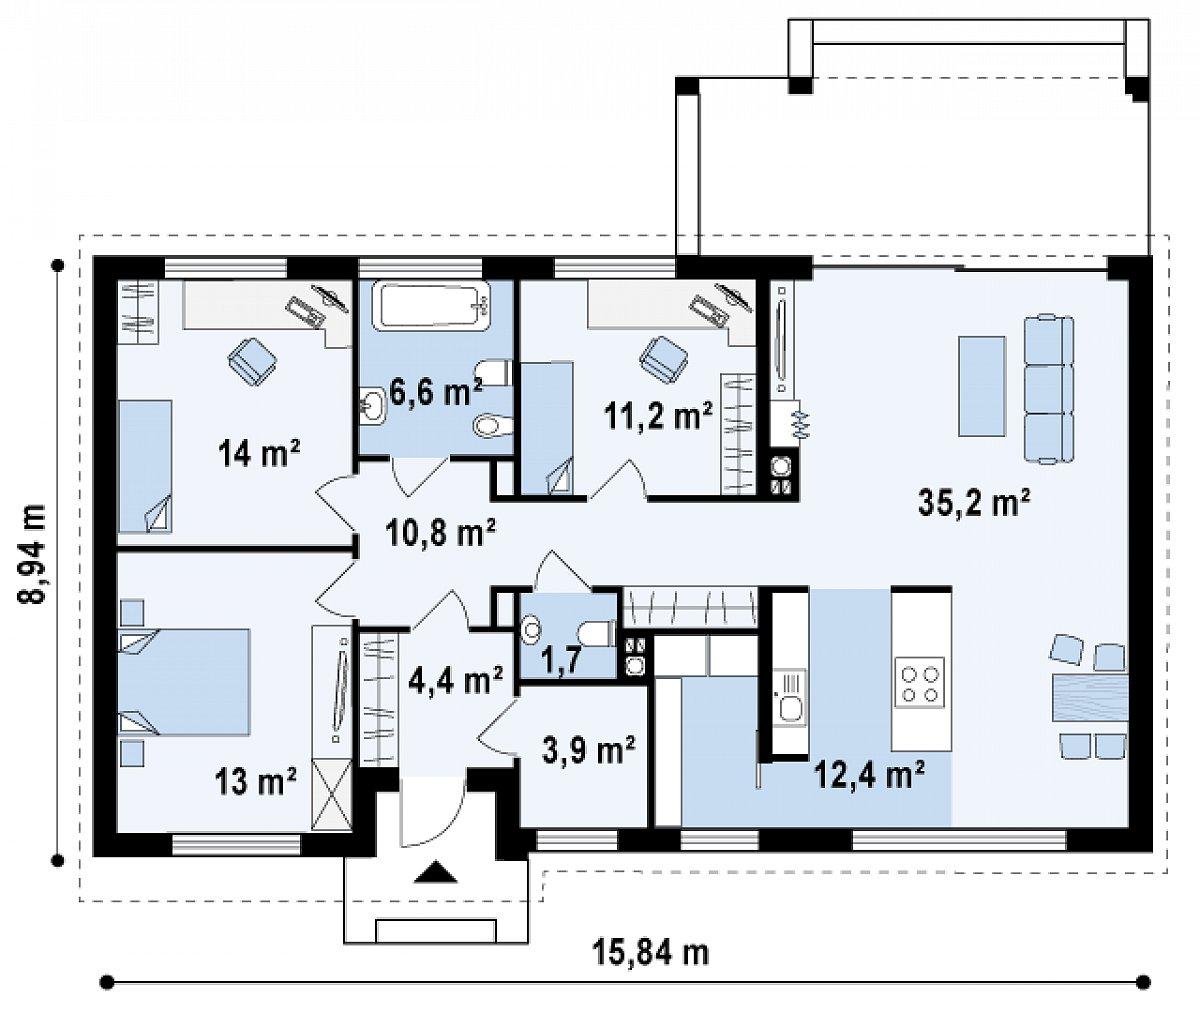 Первый этаж 113,2м² дома Zx17